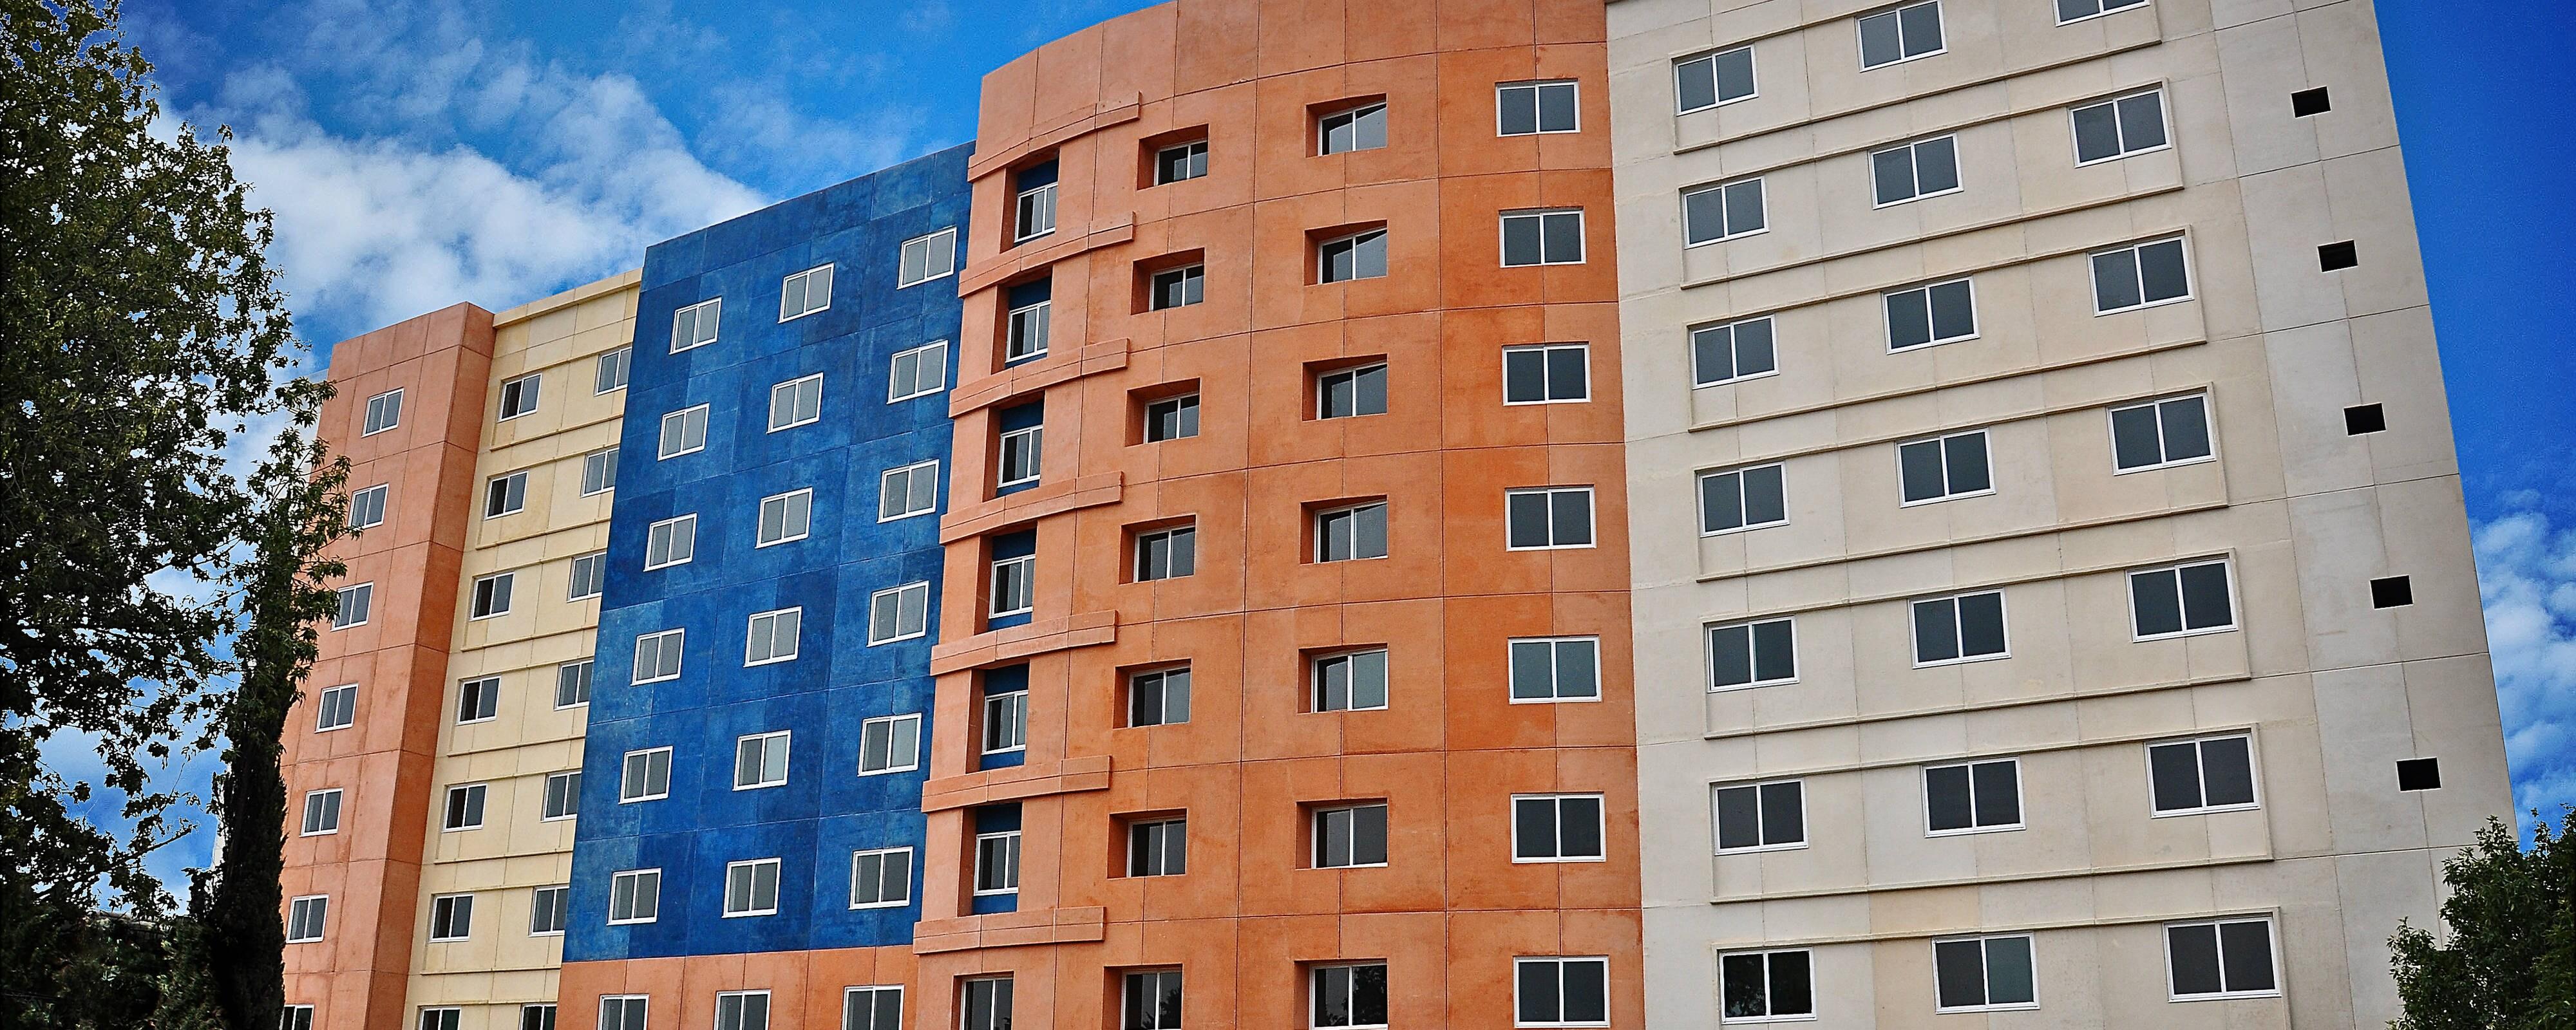 Hotel en Toluca